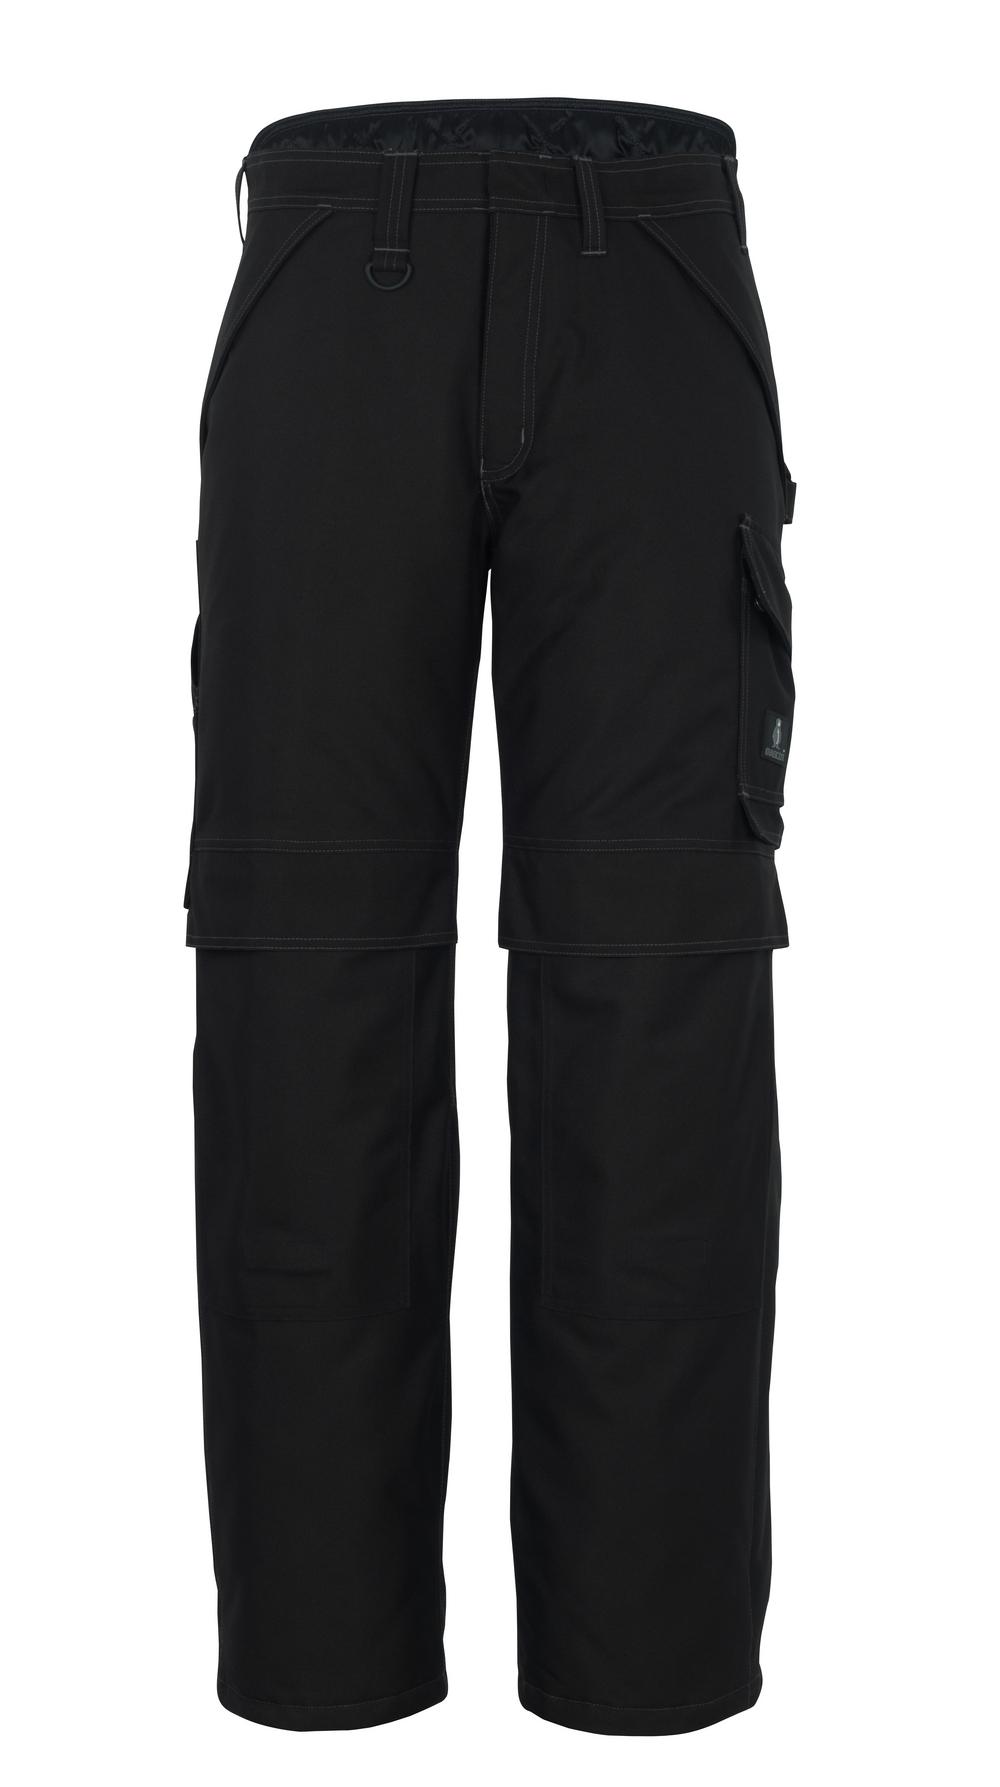 10090-194-09 Pantalon grand froid avec poches genouillères - Noir